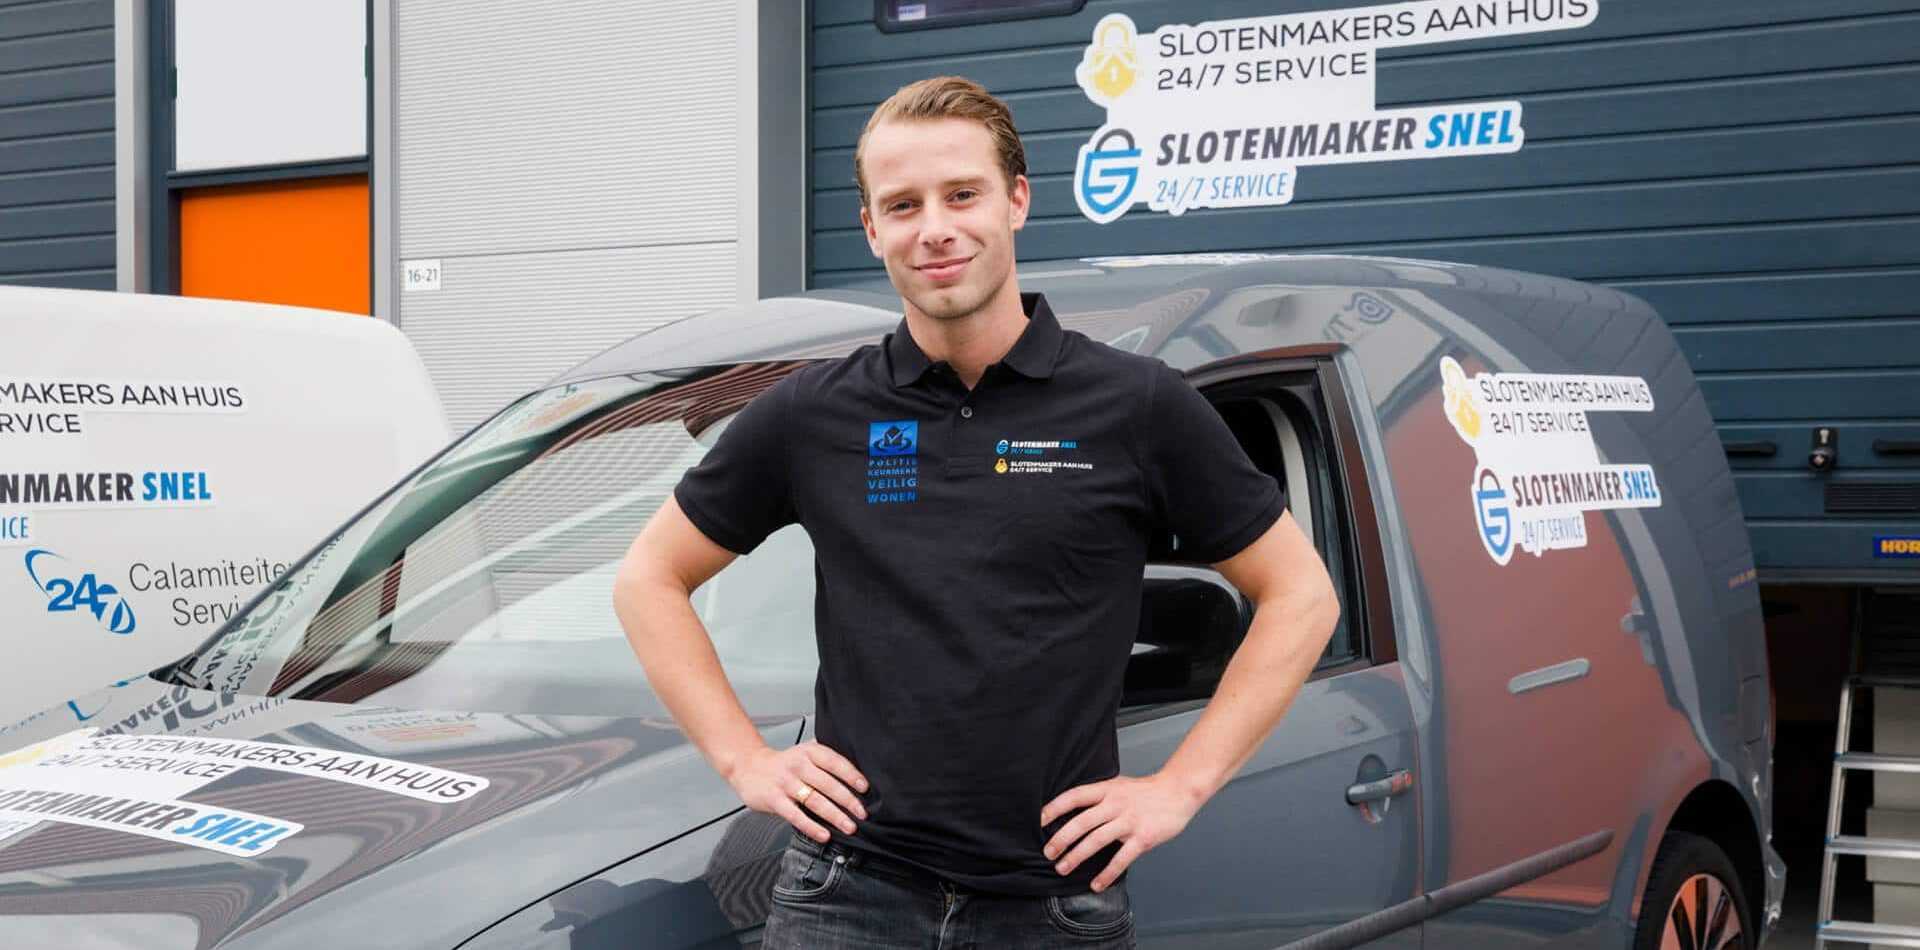 Slotenmaker Delfgauw